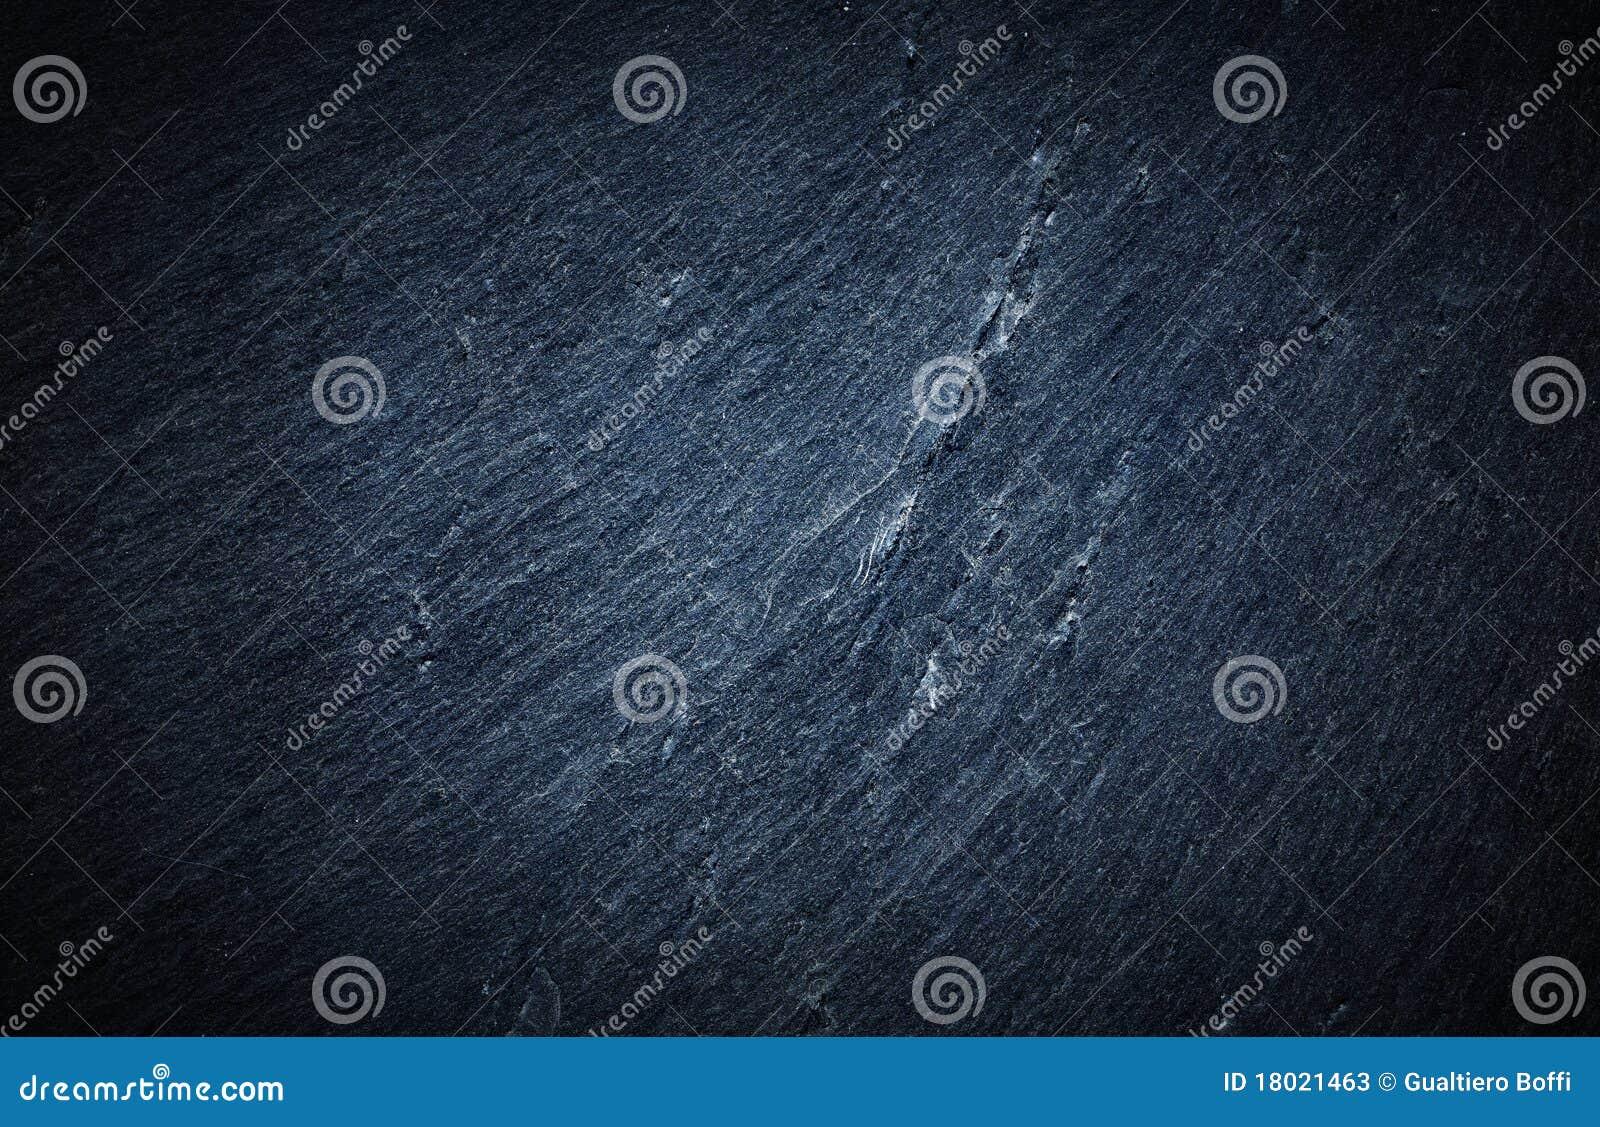 Fond de texture d'ardoise image stock. Image du noir - 18021463